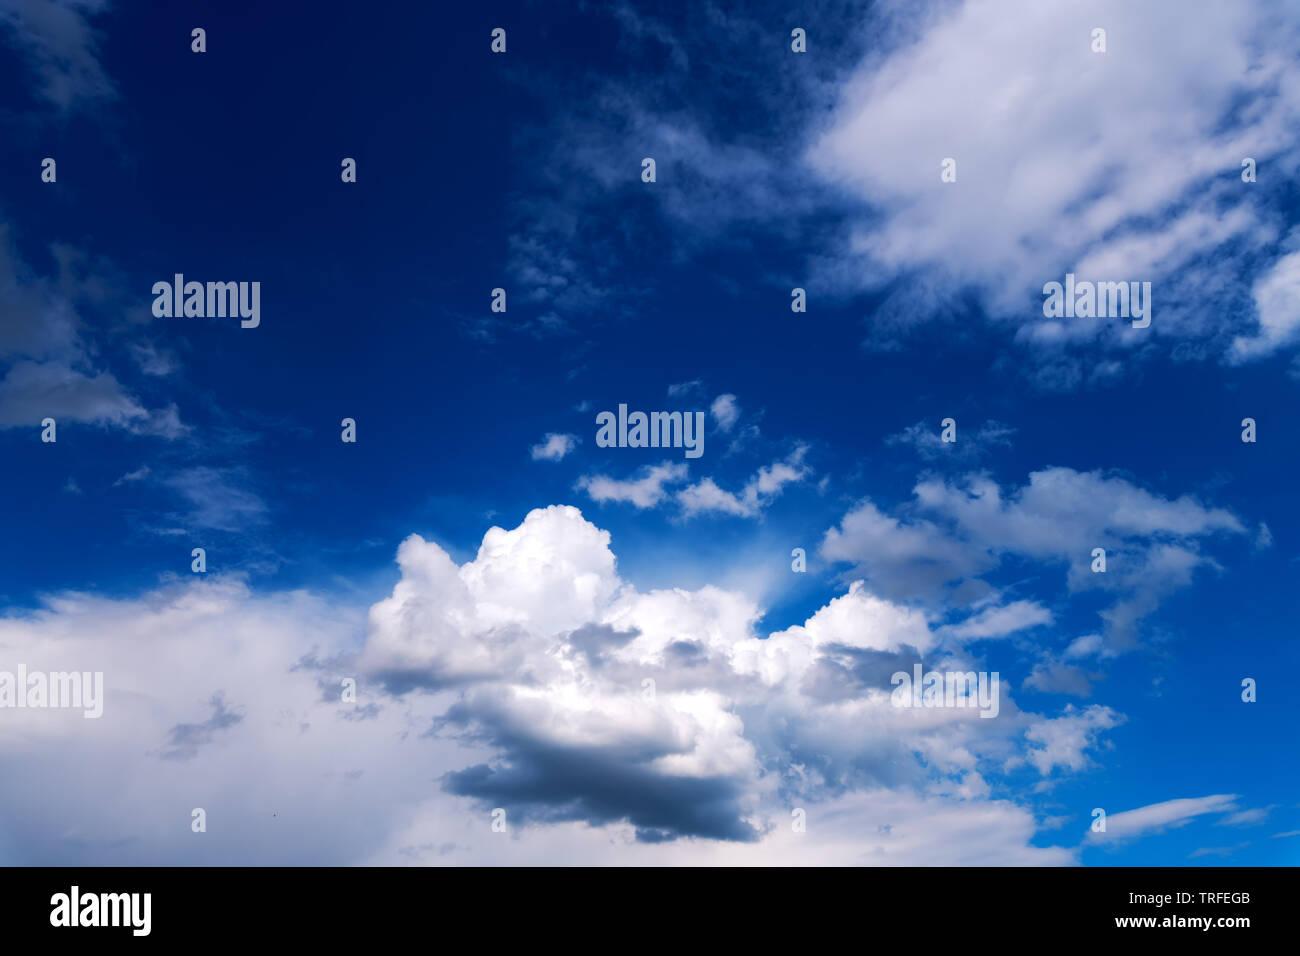 Maravilloso cielo con nubes como fondo. Sorprendente cloudscape mullidas sobre cielo azul como telón de fondo. Foto de stock